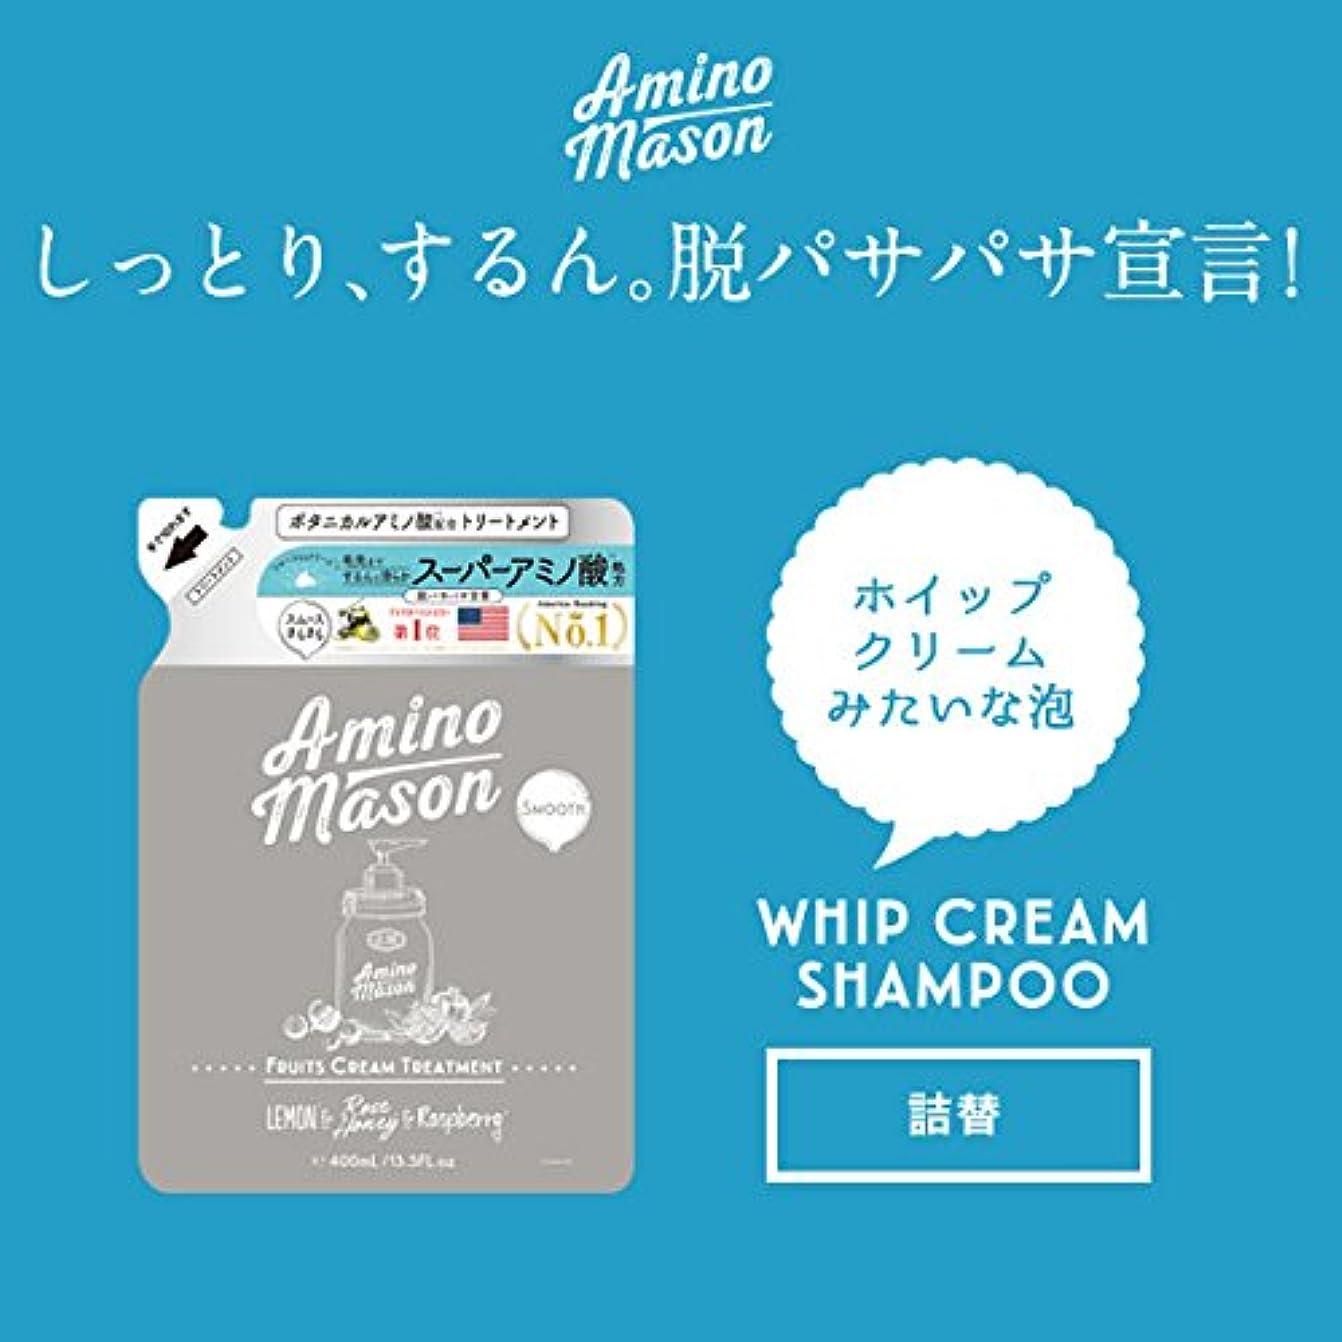 キャロライン酔っ払い高度Amino Mason アミノメイソン ホイップクリーム シャンプー 詰め替え 400ml (スムース)